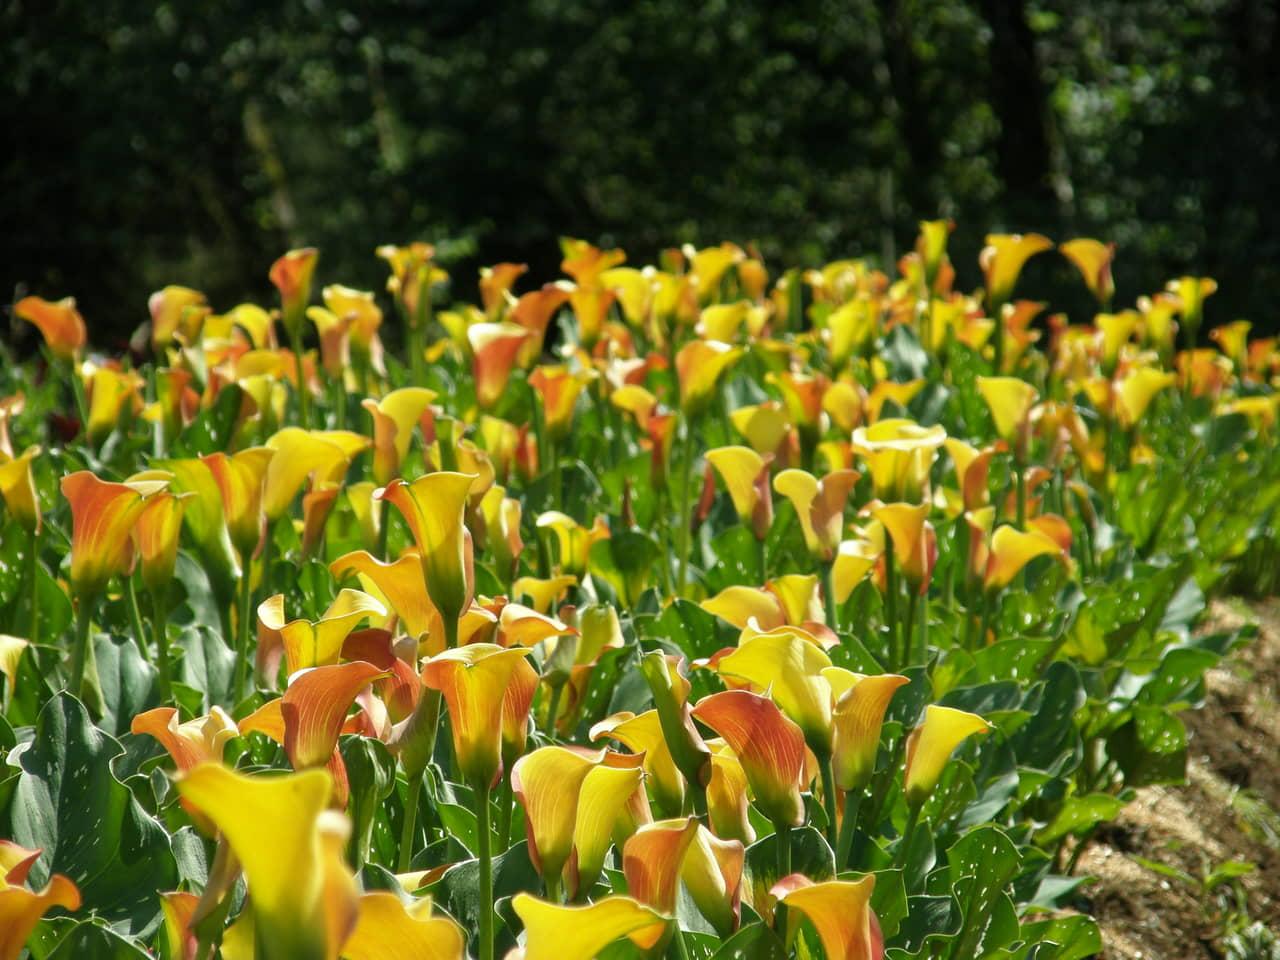 Cánh đồng hoa rum ( Calla lily) trồng bằng củ bừng sáng cả không gian sân vườn